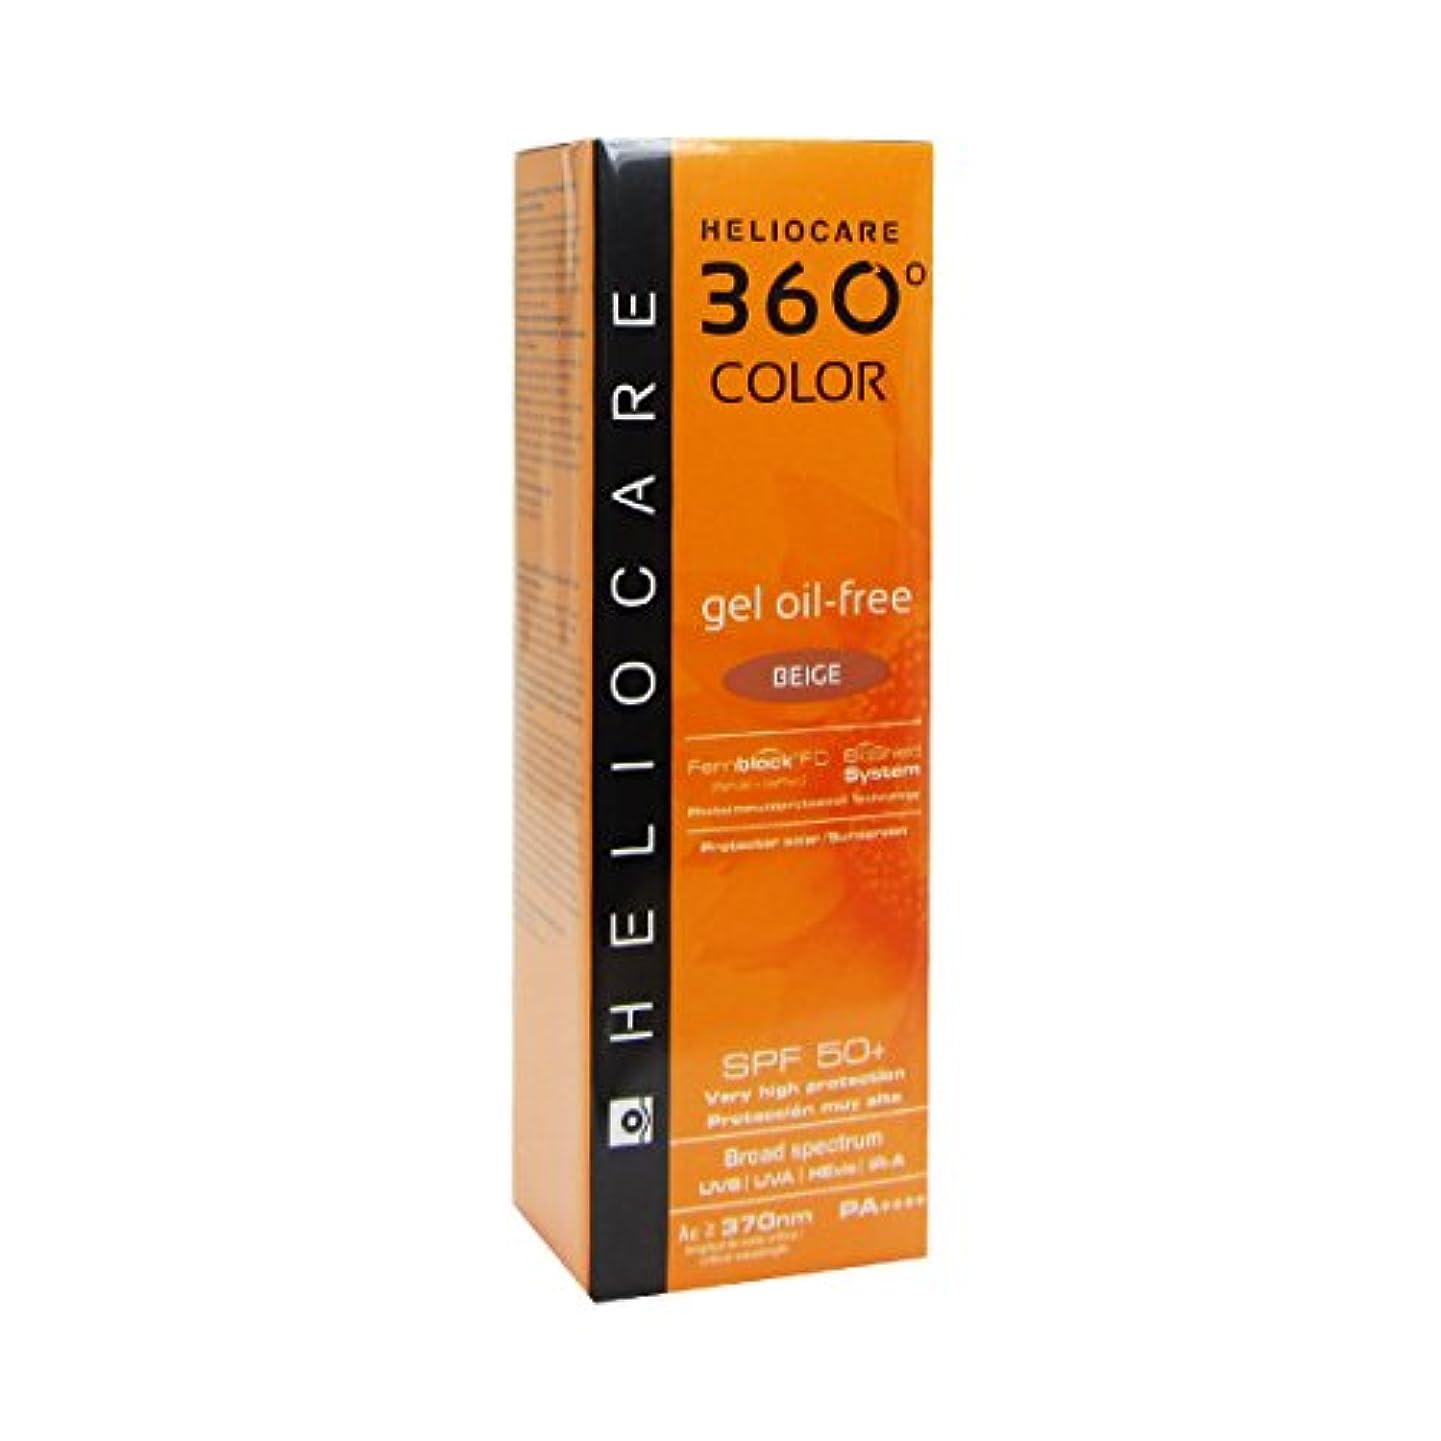 顔料練習した消防士Heliocare 360 Gel-color Oil-free Spf50 Beige 50ml [並行輸入品]